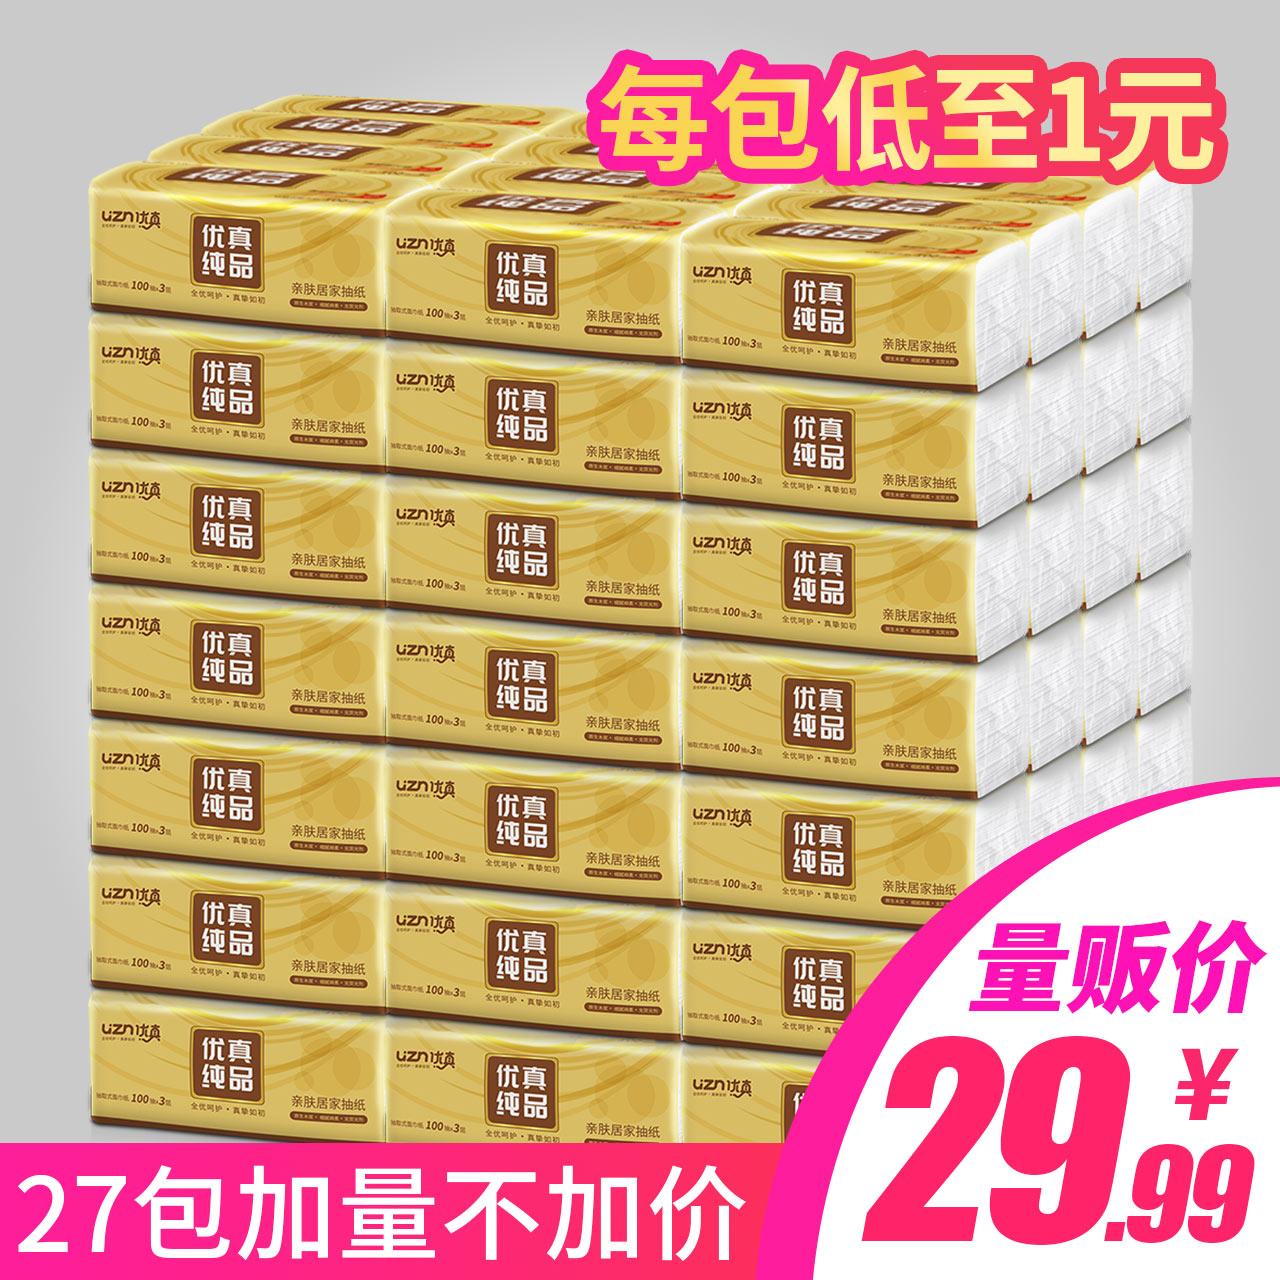 优真植护系列抽纸批发整箱家庭装500家用卫生纸抽包邮促销特价